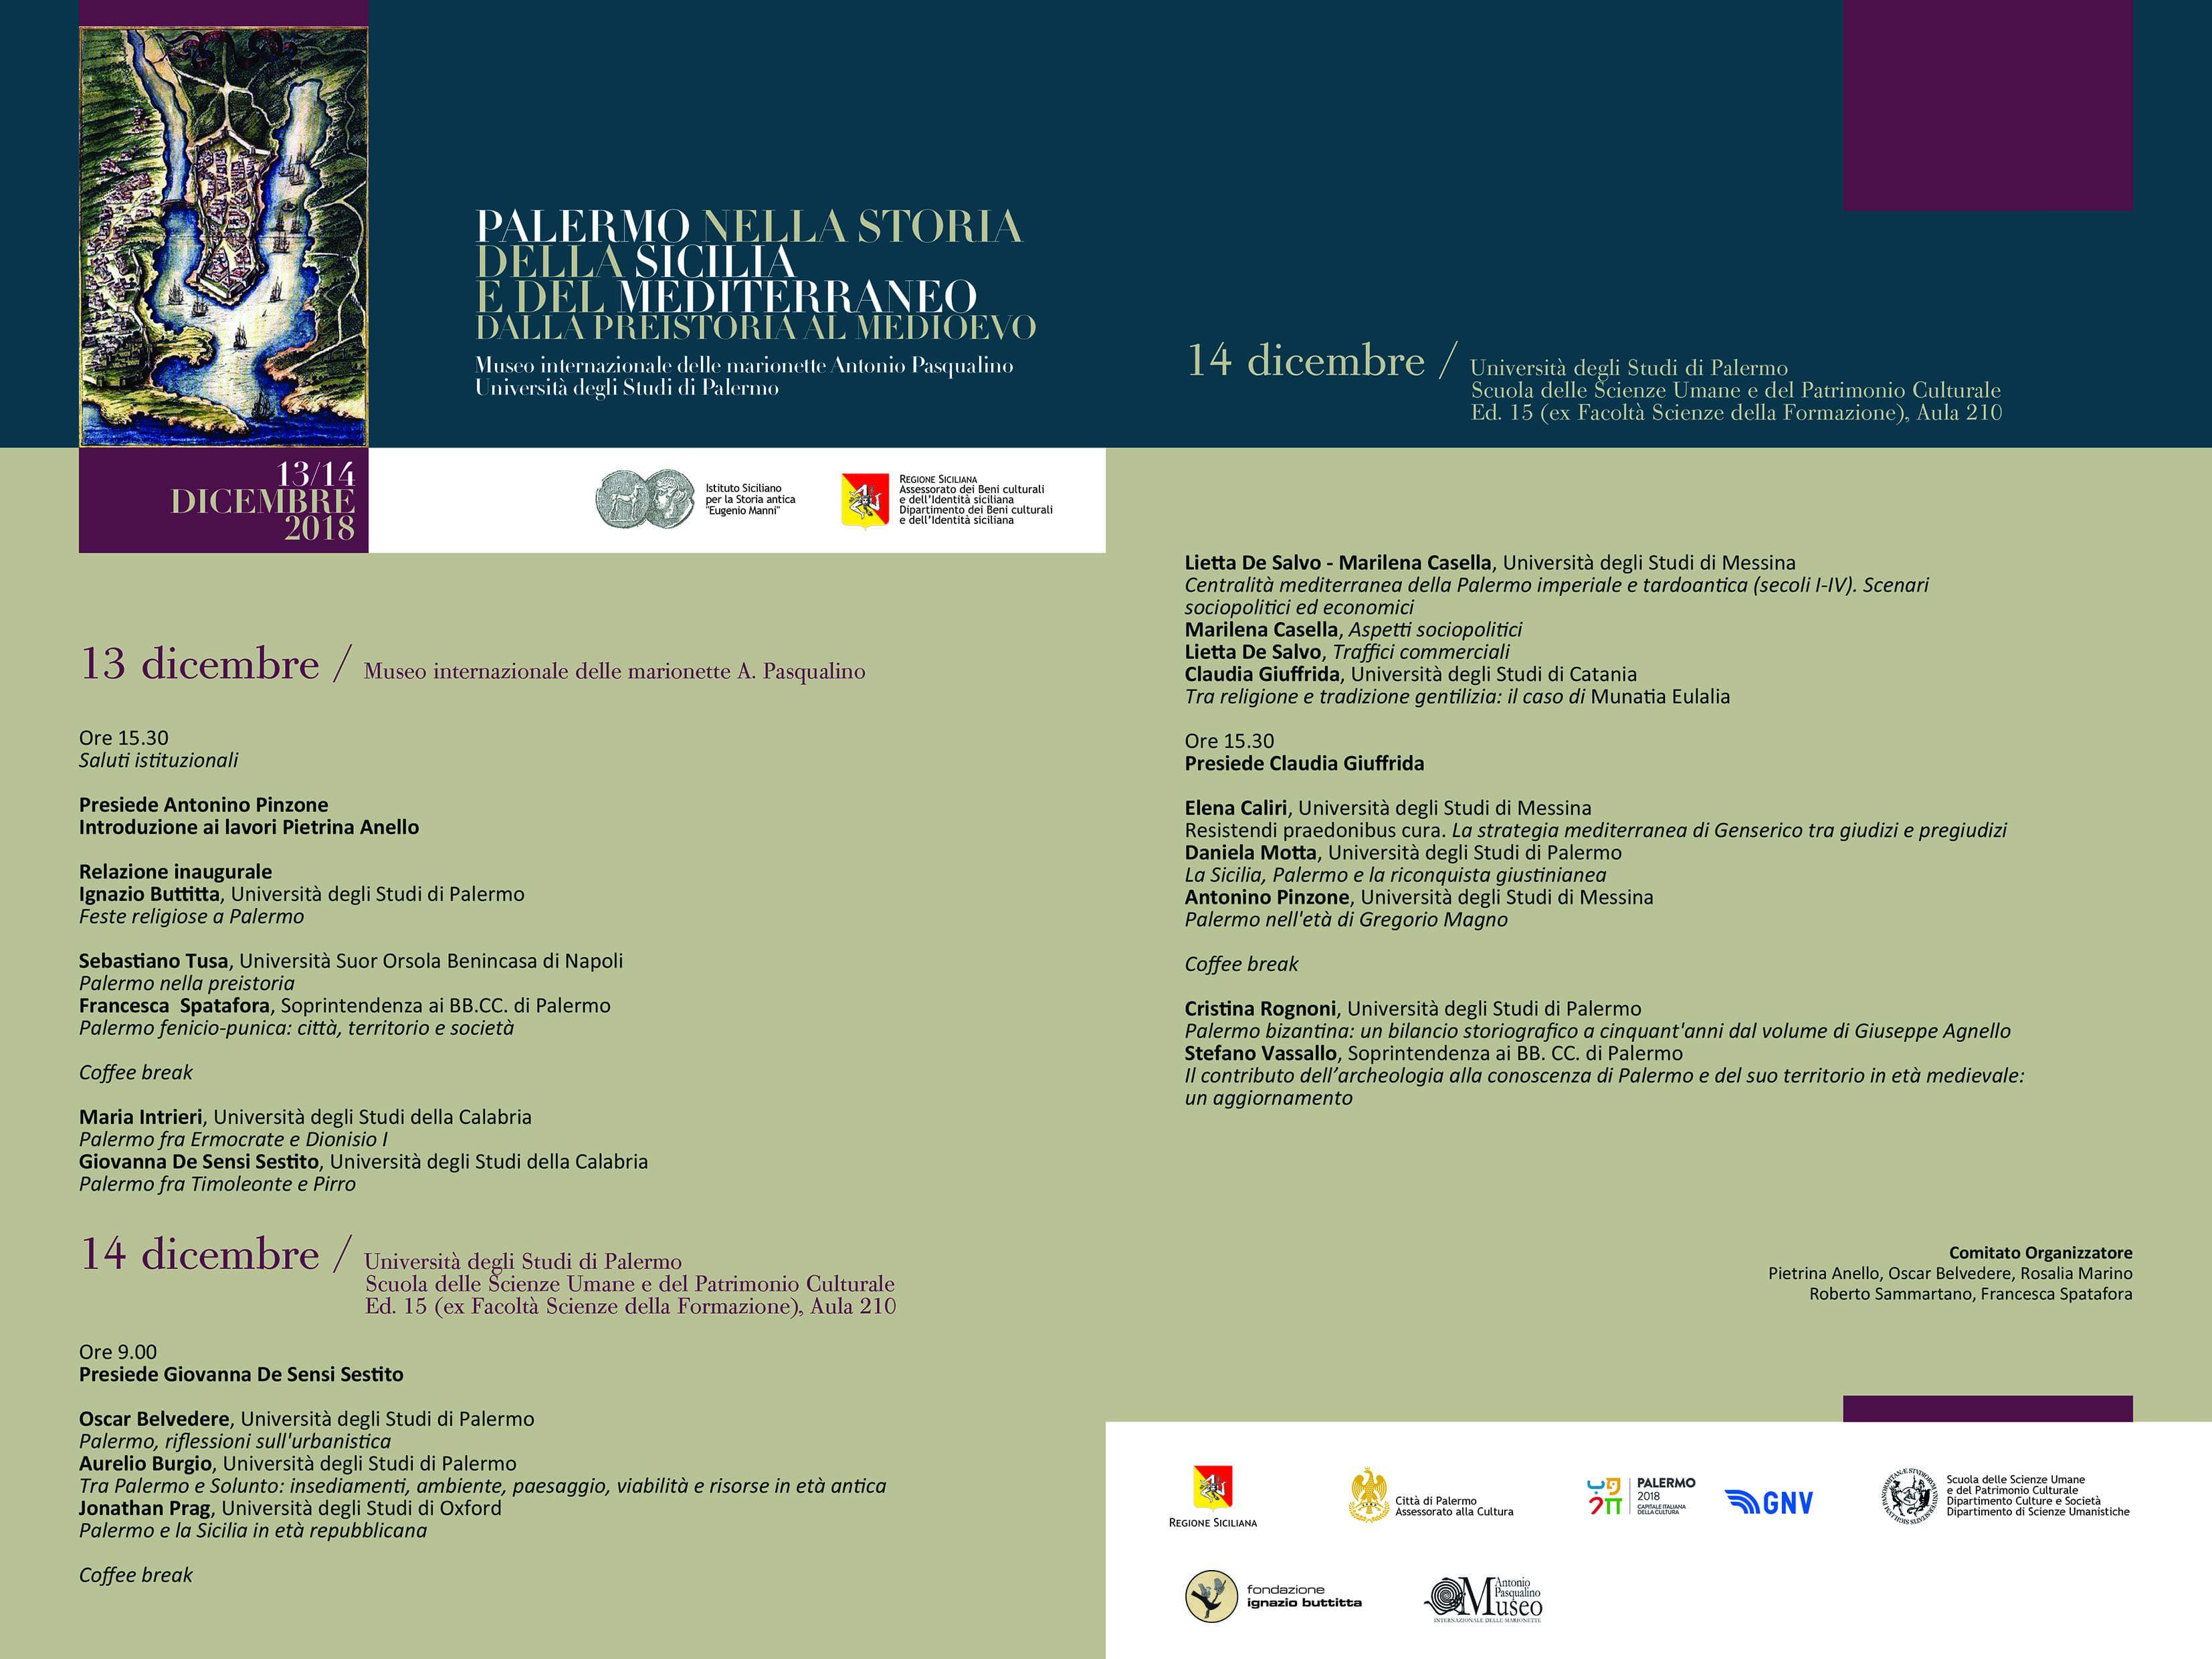 Palermo_nella_Storia_del___Mediterraneo_pieghevole_web-3_1_1-compressed.jpg - 604.75 kB